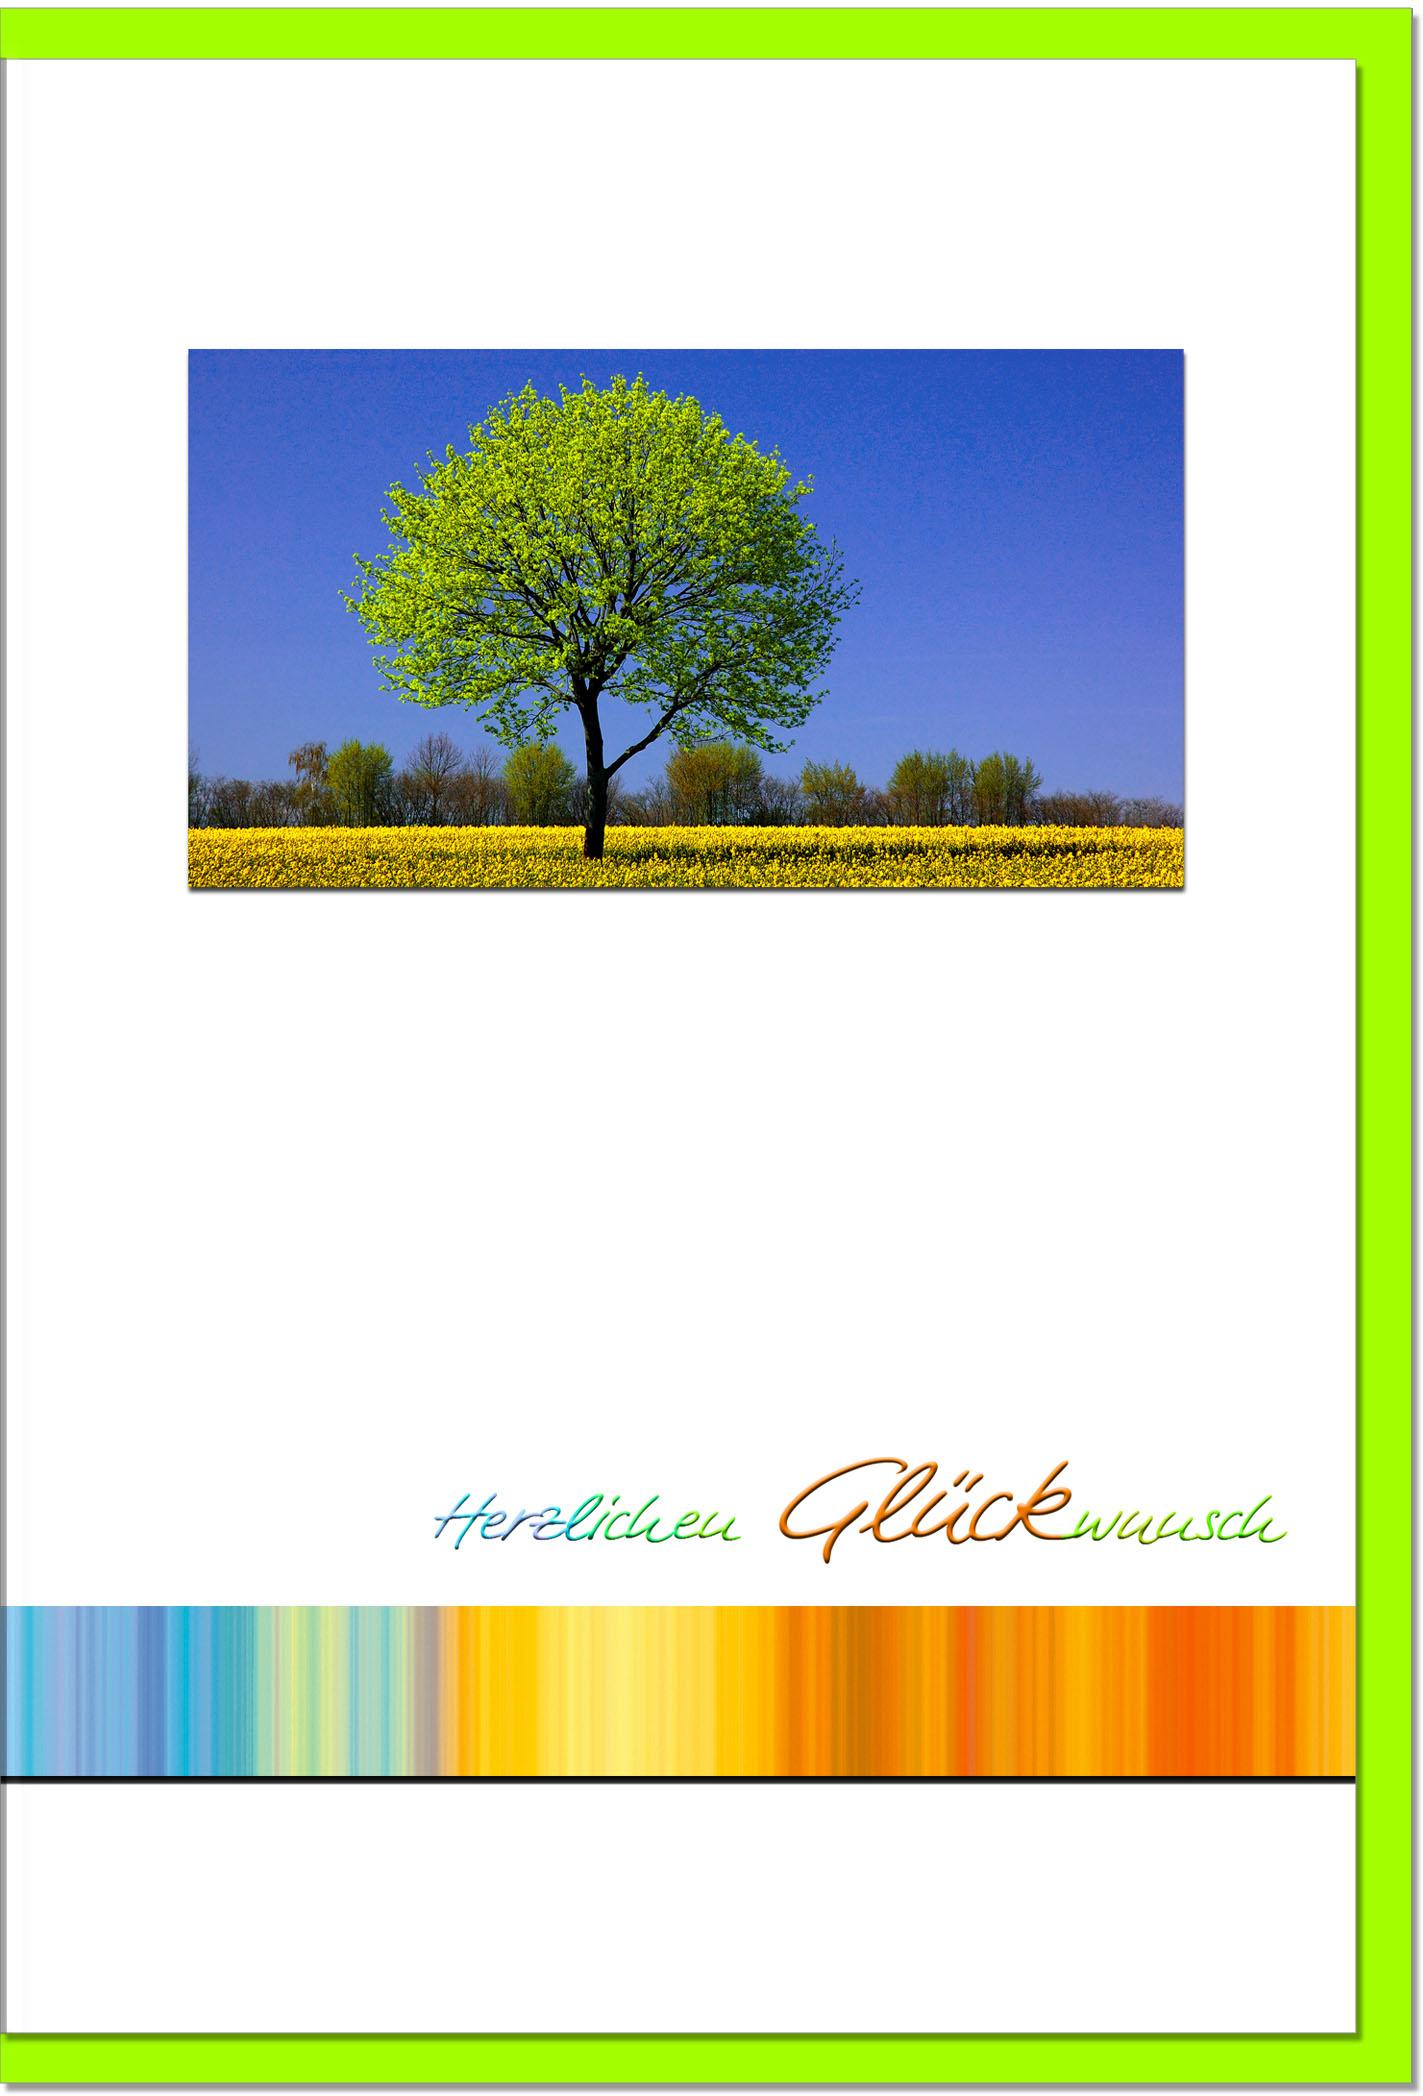 Glückwunschkarten / Grußkarten /Glückwunsch Baum